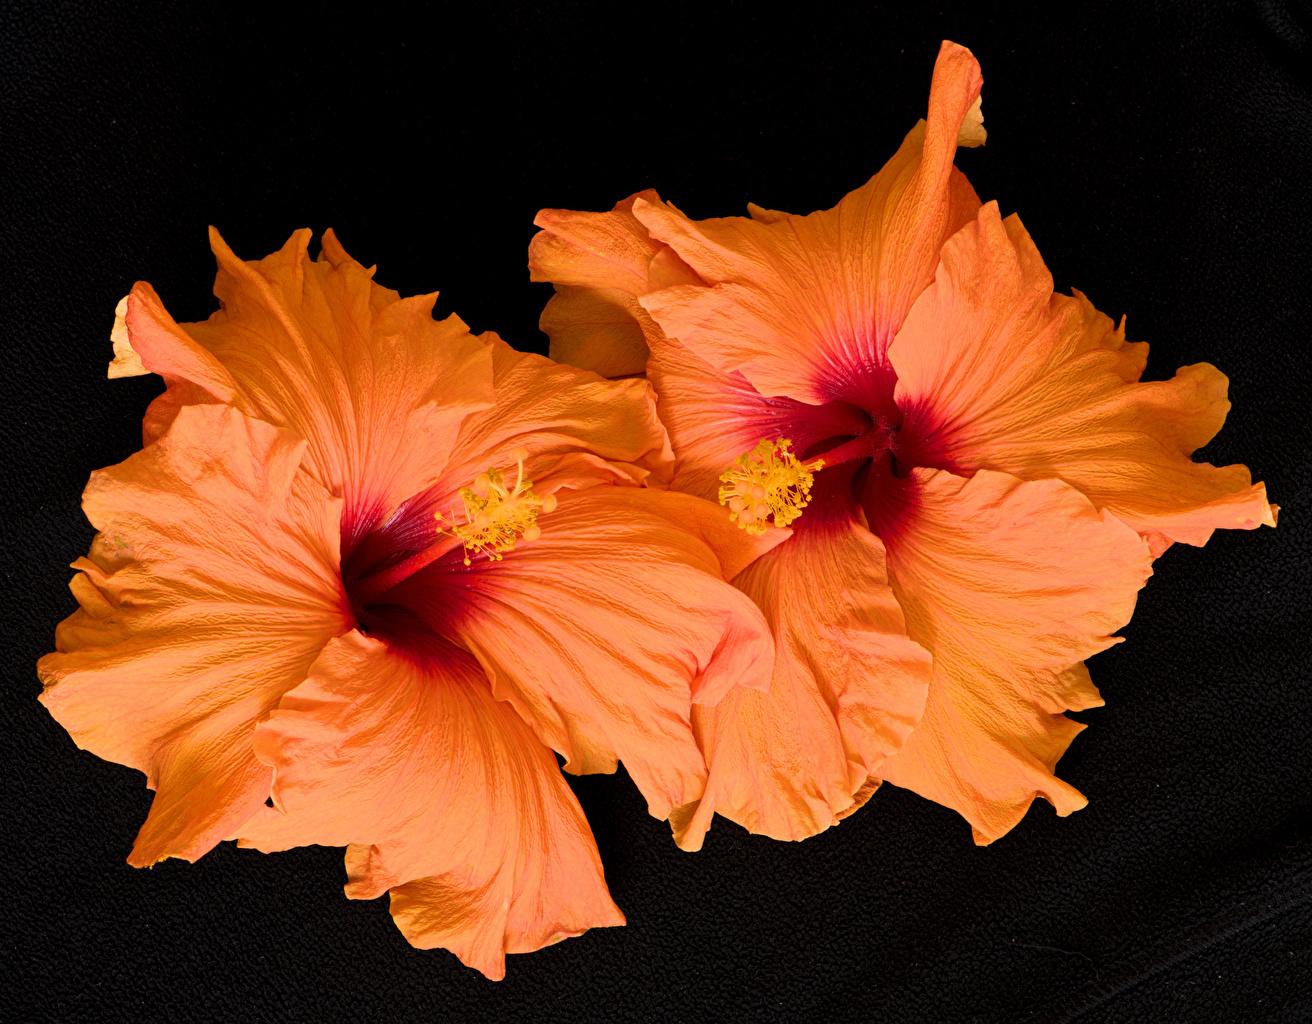 ,木槿,特寫,黑色背景,橙色,花卉,